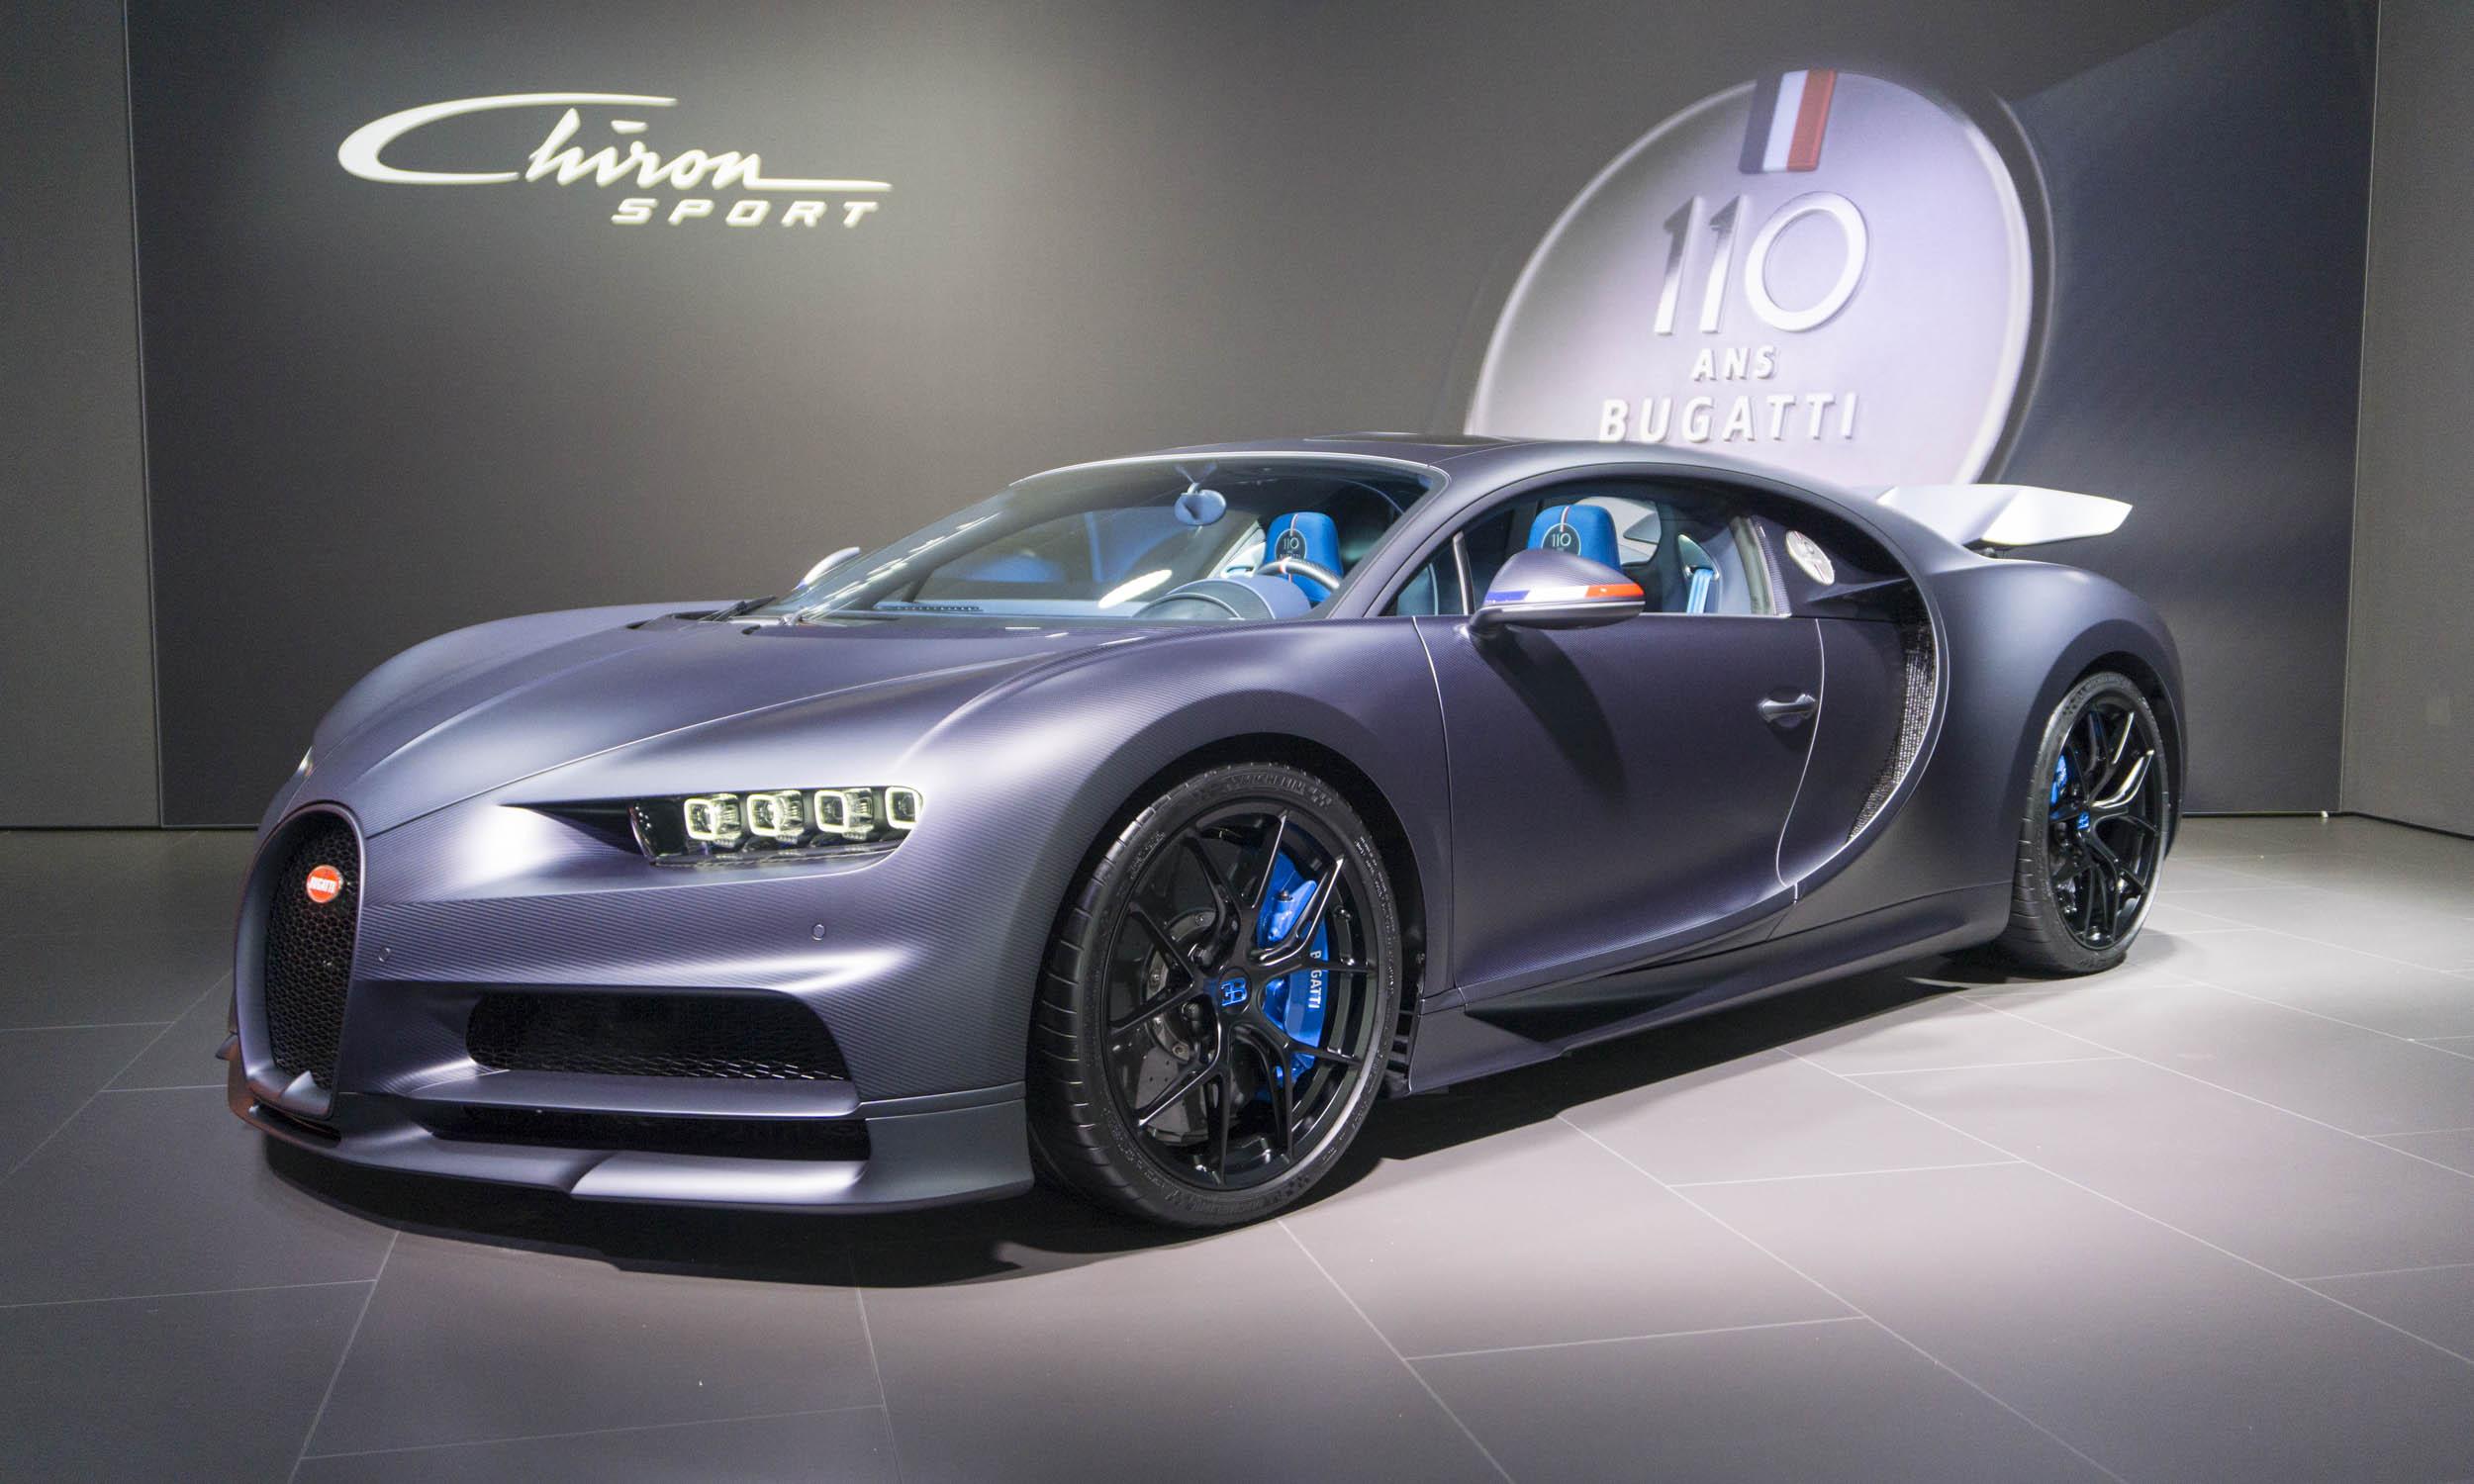 2019 Geneva Motor Show Bugatti Chiron Sport 110 Ans Bugatti Our Auto Expert